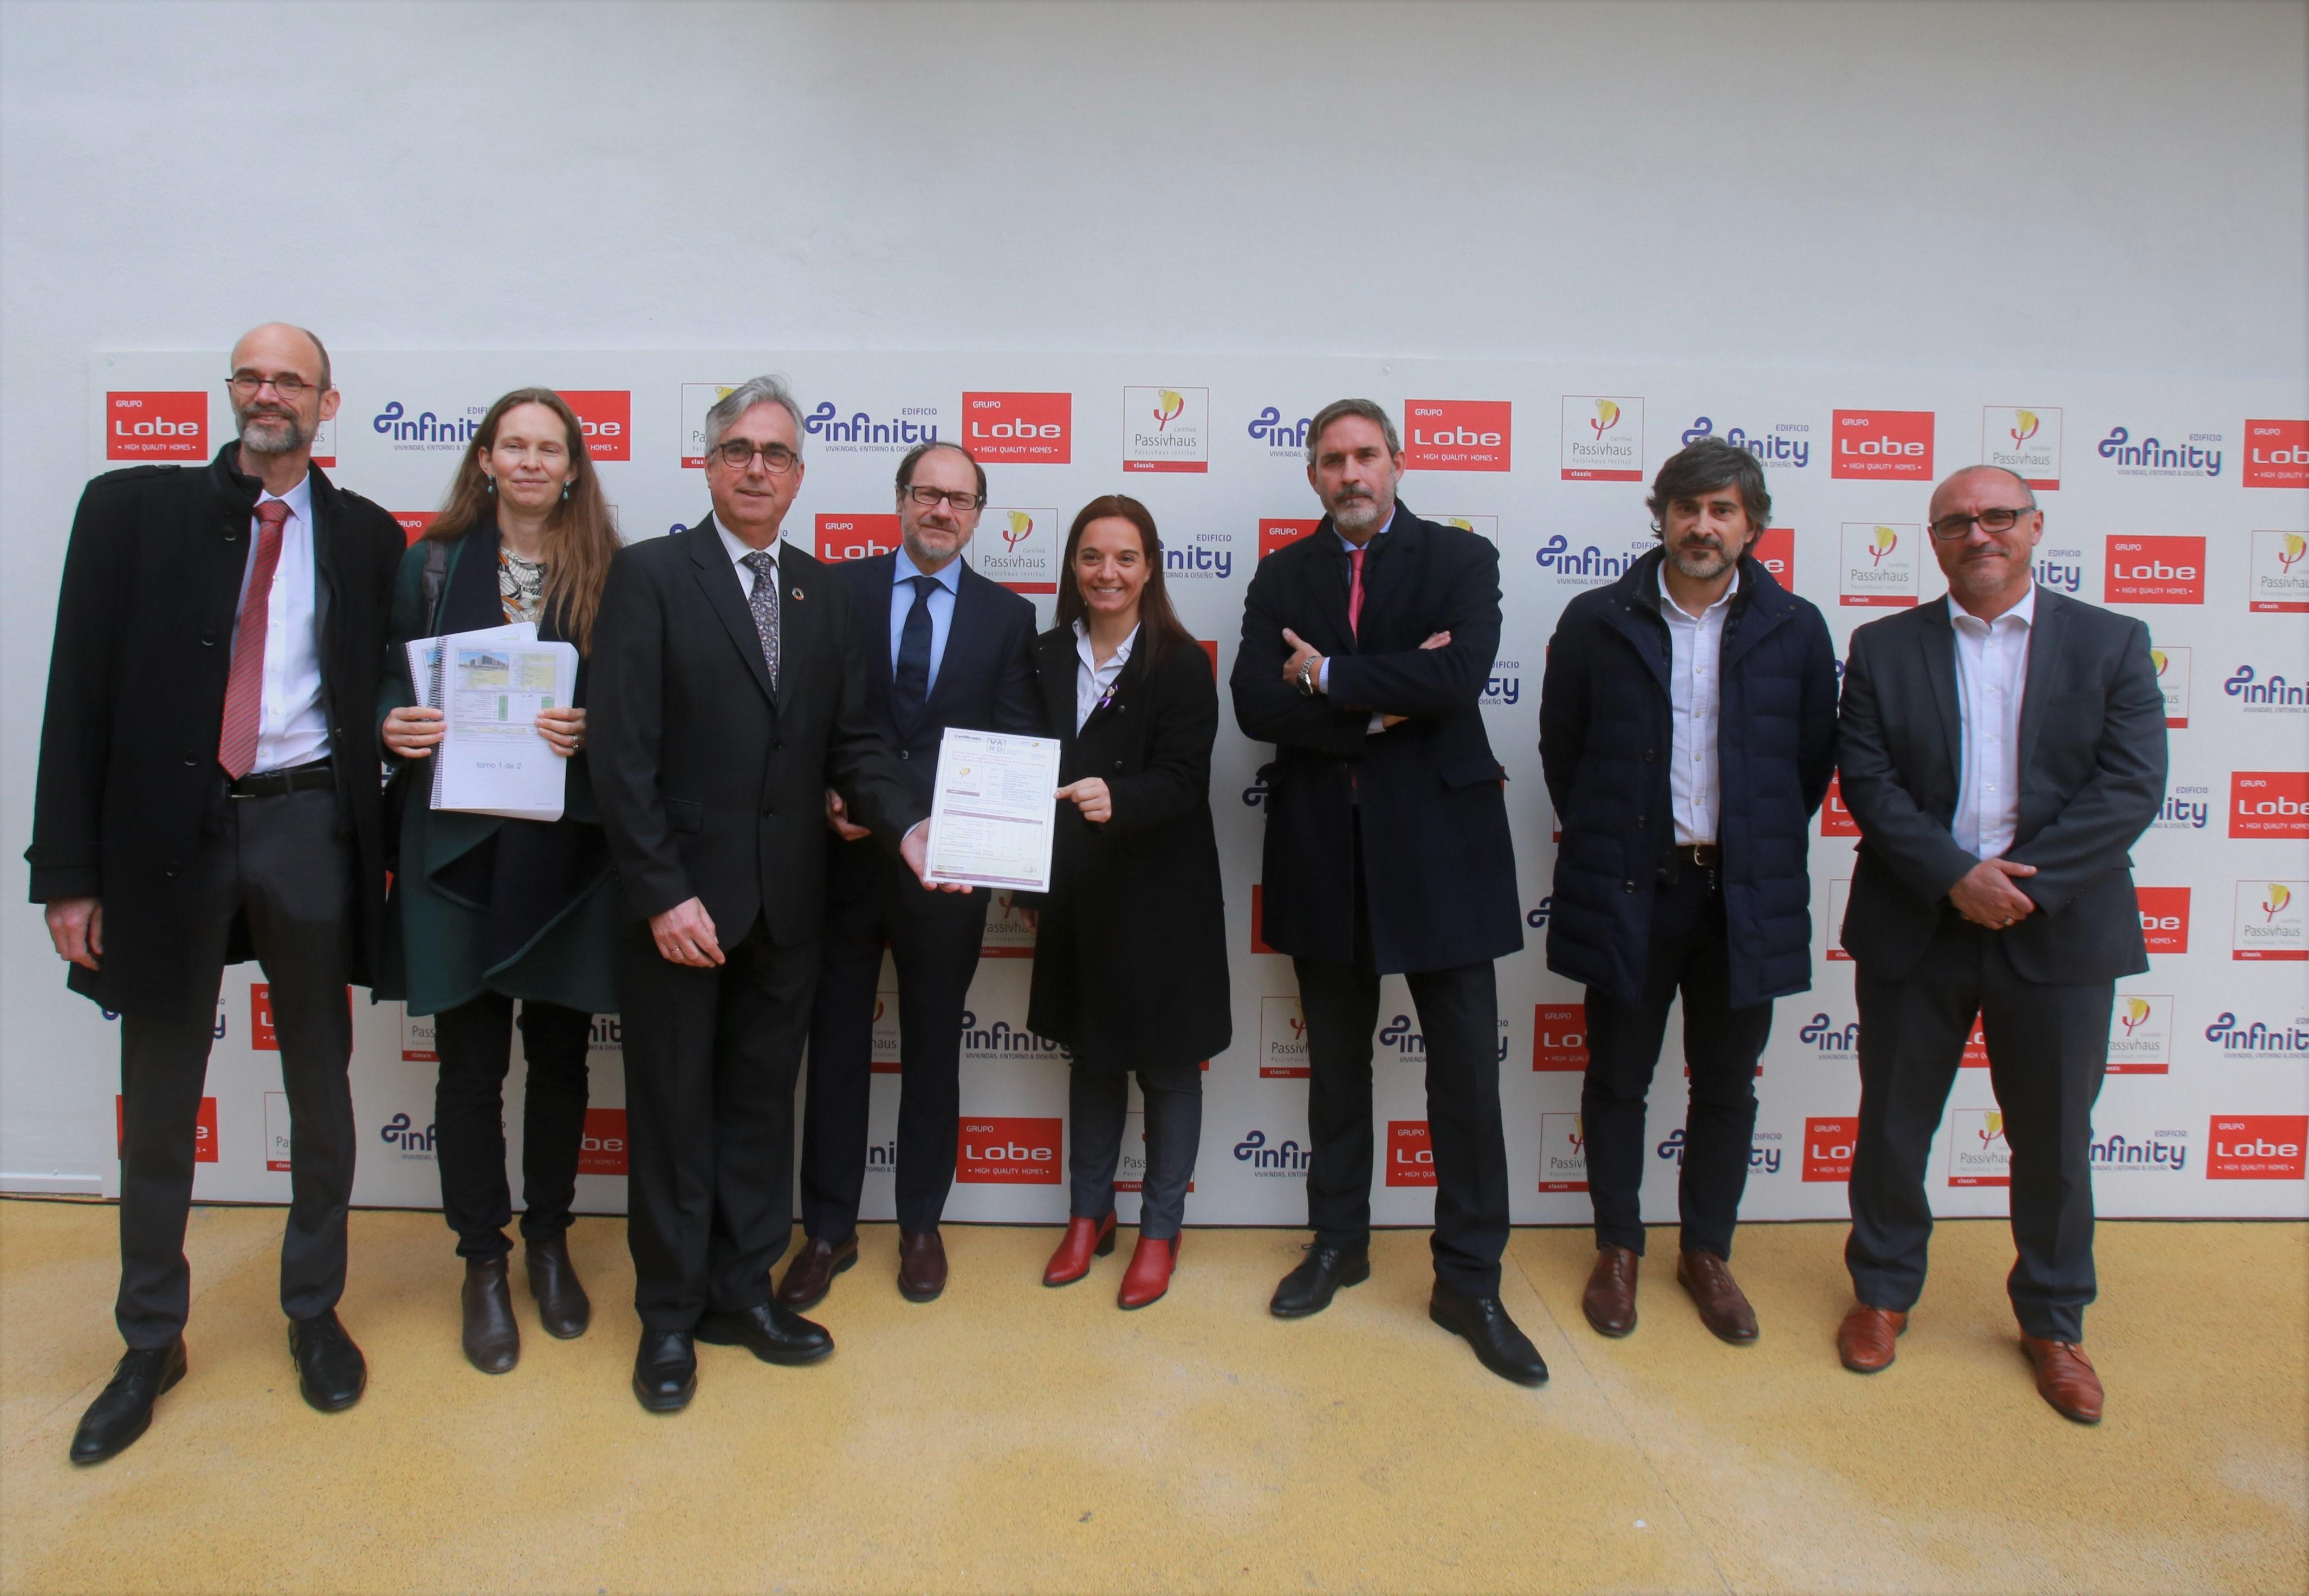 Imagen de la noticia sobre Grupo LOBE inaugura Infinity, 1º Edificio Passivhaus de protección oficial de la Comunidad de Madrid